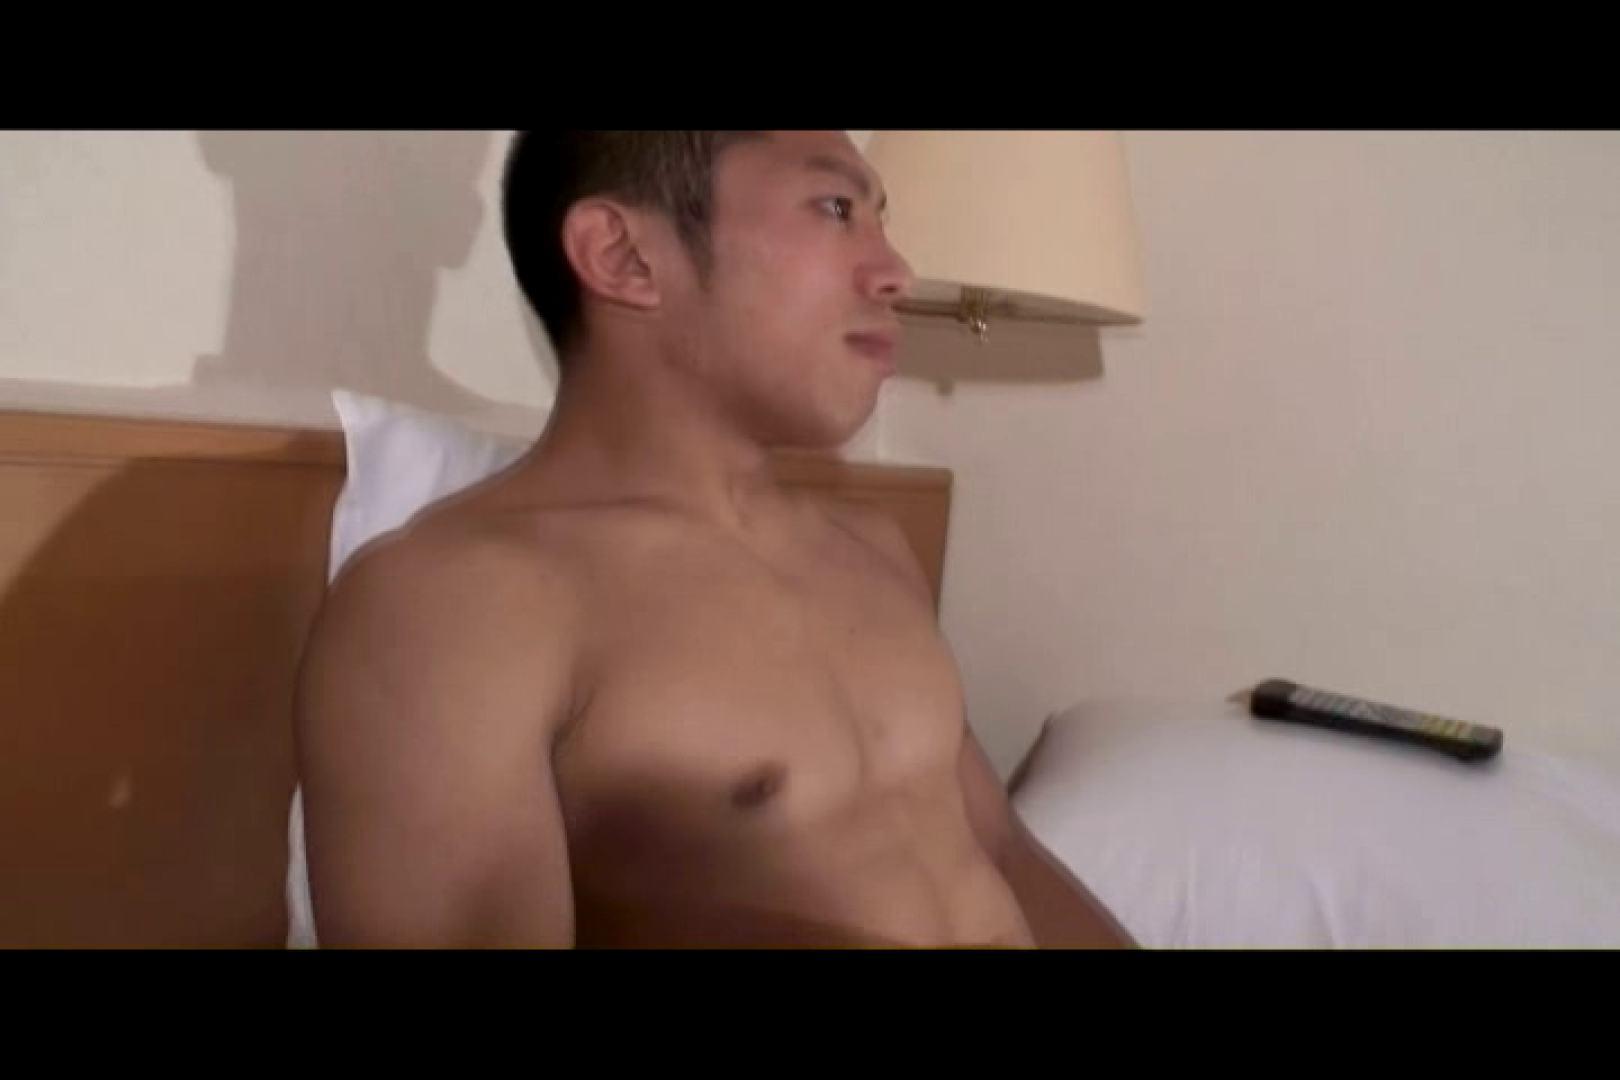 Bistro「イケメン」~Mokkori和風仕立て~vol.04 スポーツマン ゲイ無修正ビデオ画像 62画像 19